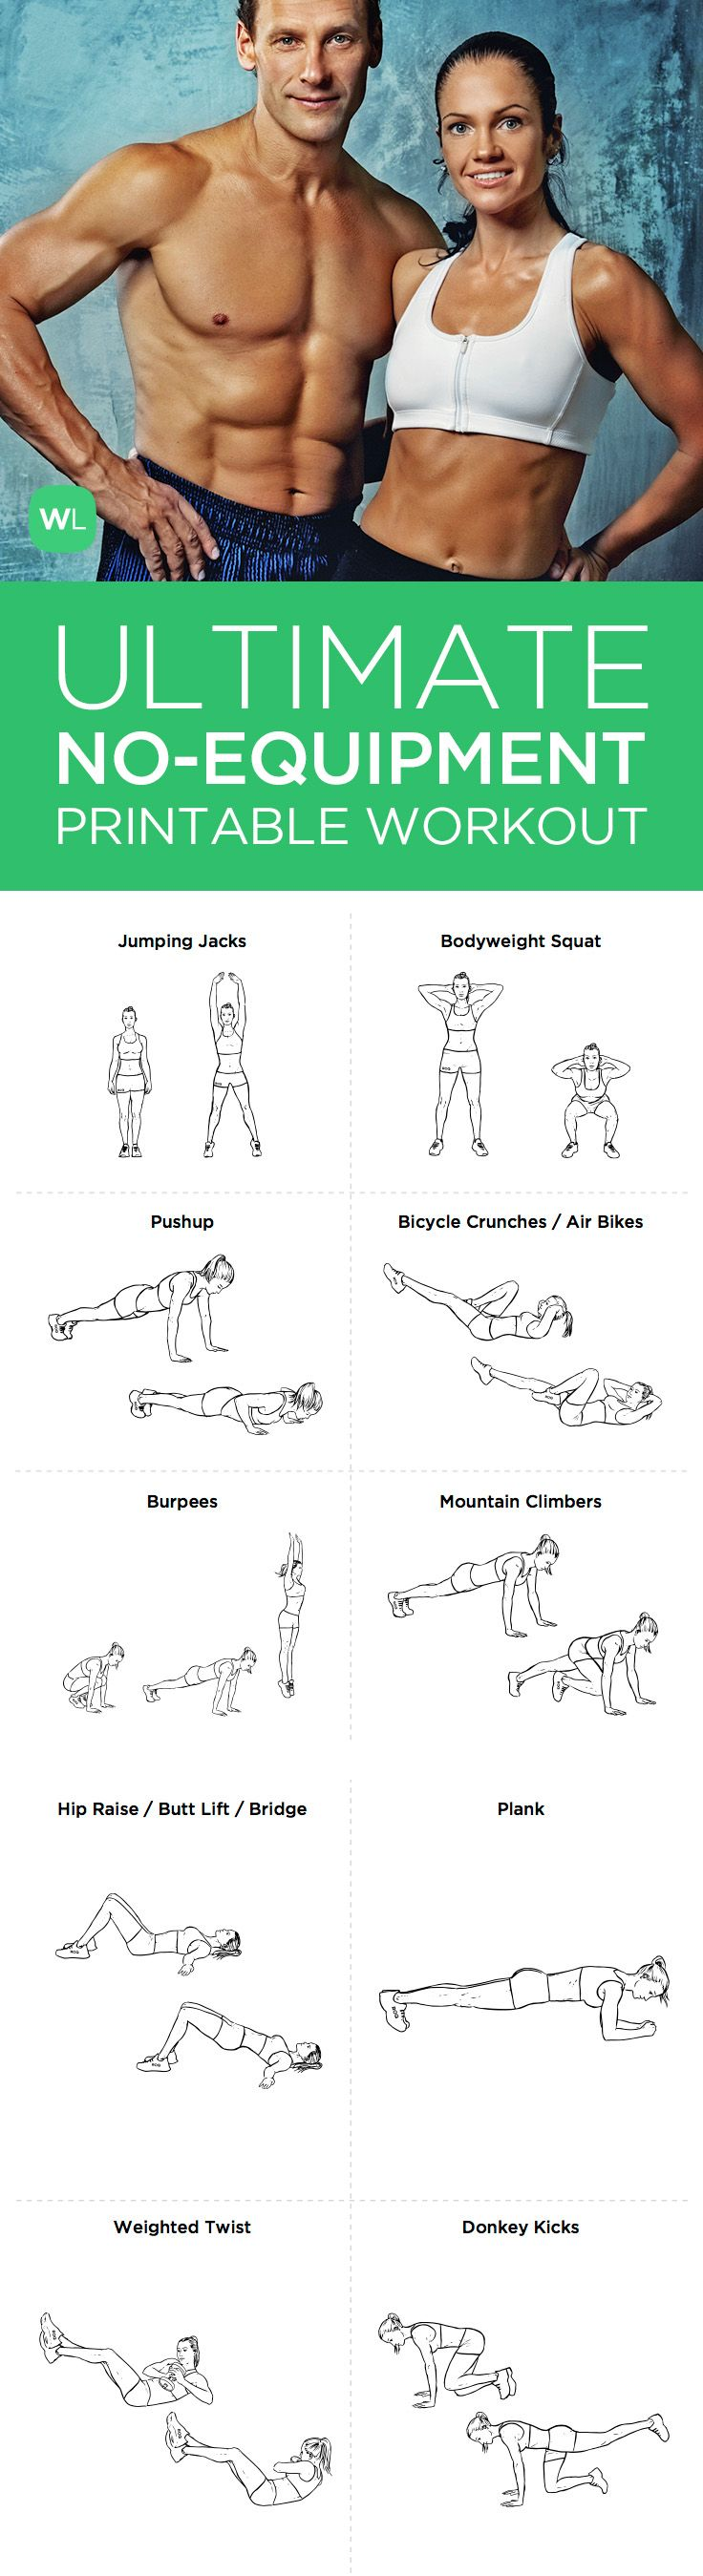 Bulking Workout Plan Pdf At Home